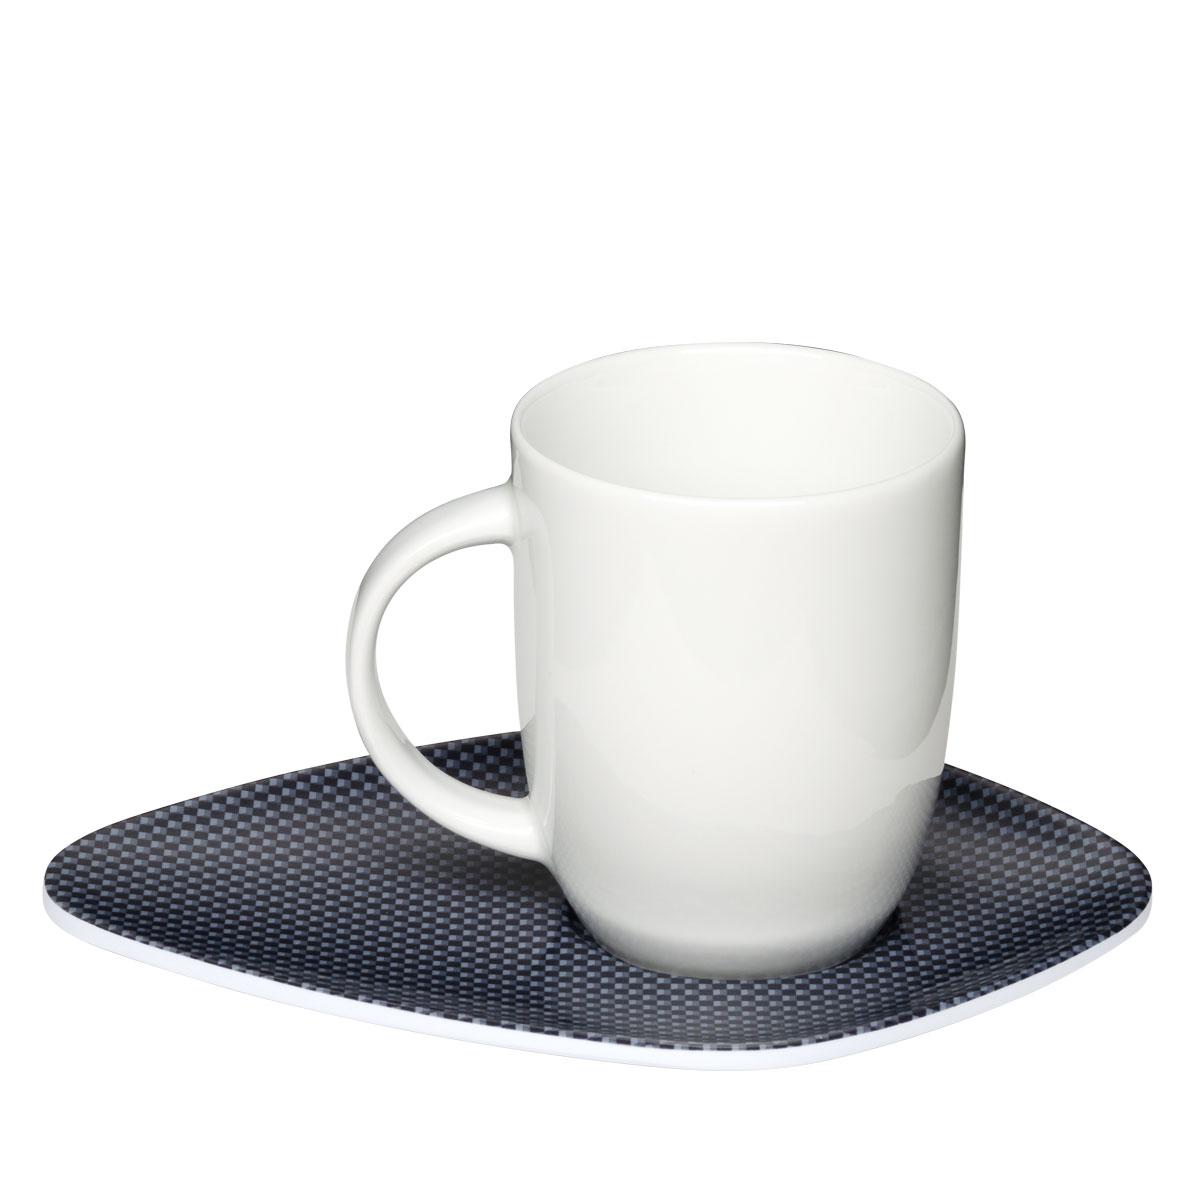 Melamin Untertasse für verschiedene Kaffeebecher